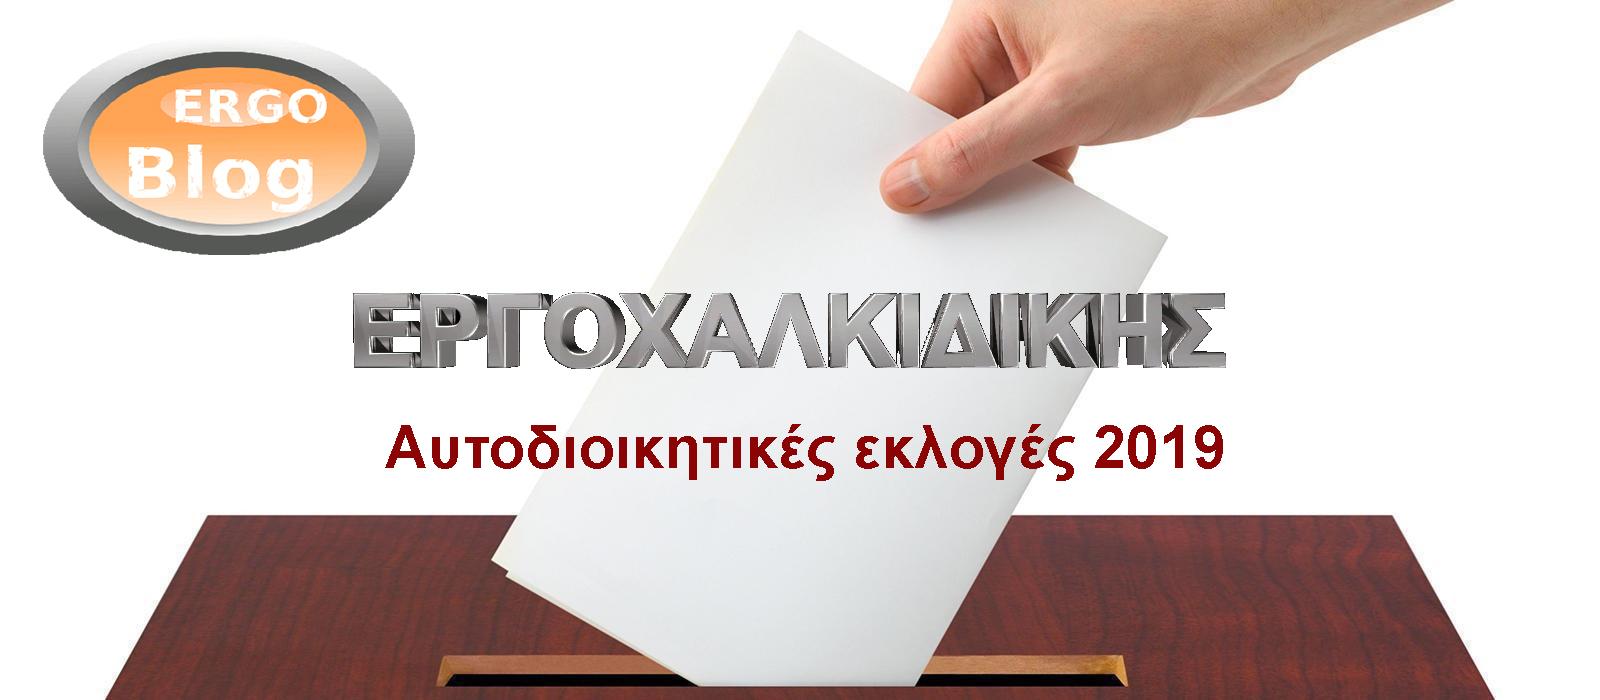 Αυτοδιοικητικές εκλογές 2019: Τι επιτρέπεται και τι απαγορεύεται για τα εκλογικά κέντρα